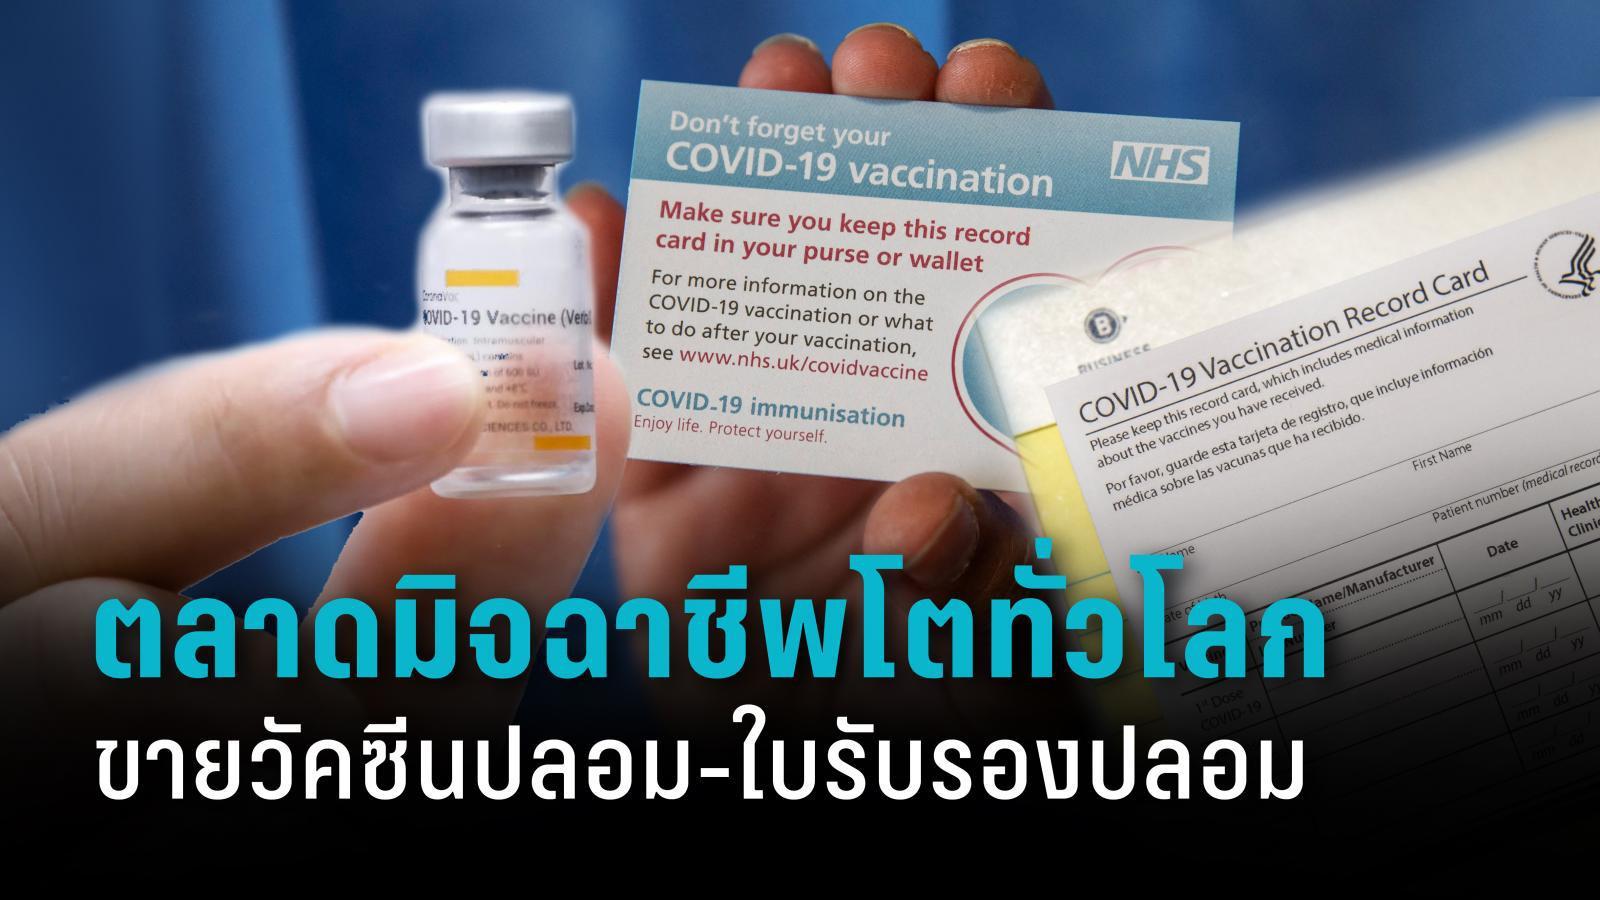 นักวิจัยเตือน ตลาดซื้อขายวัคซีนปลอม-ใบรับรองปลอม กำลังเติบโต